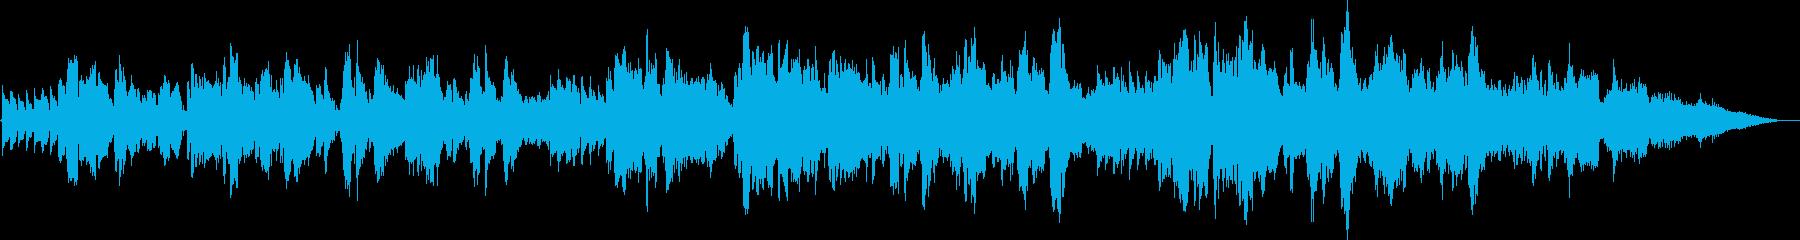 フルート&アコギ穏やかで暖かなヒーリングの再生済みの波形